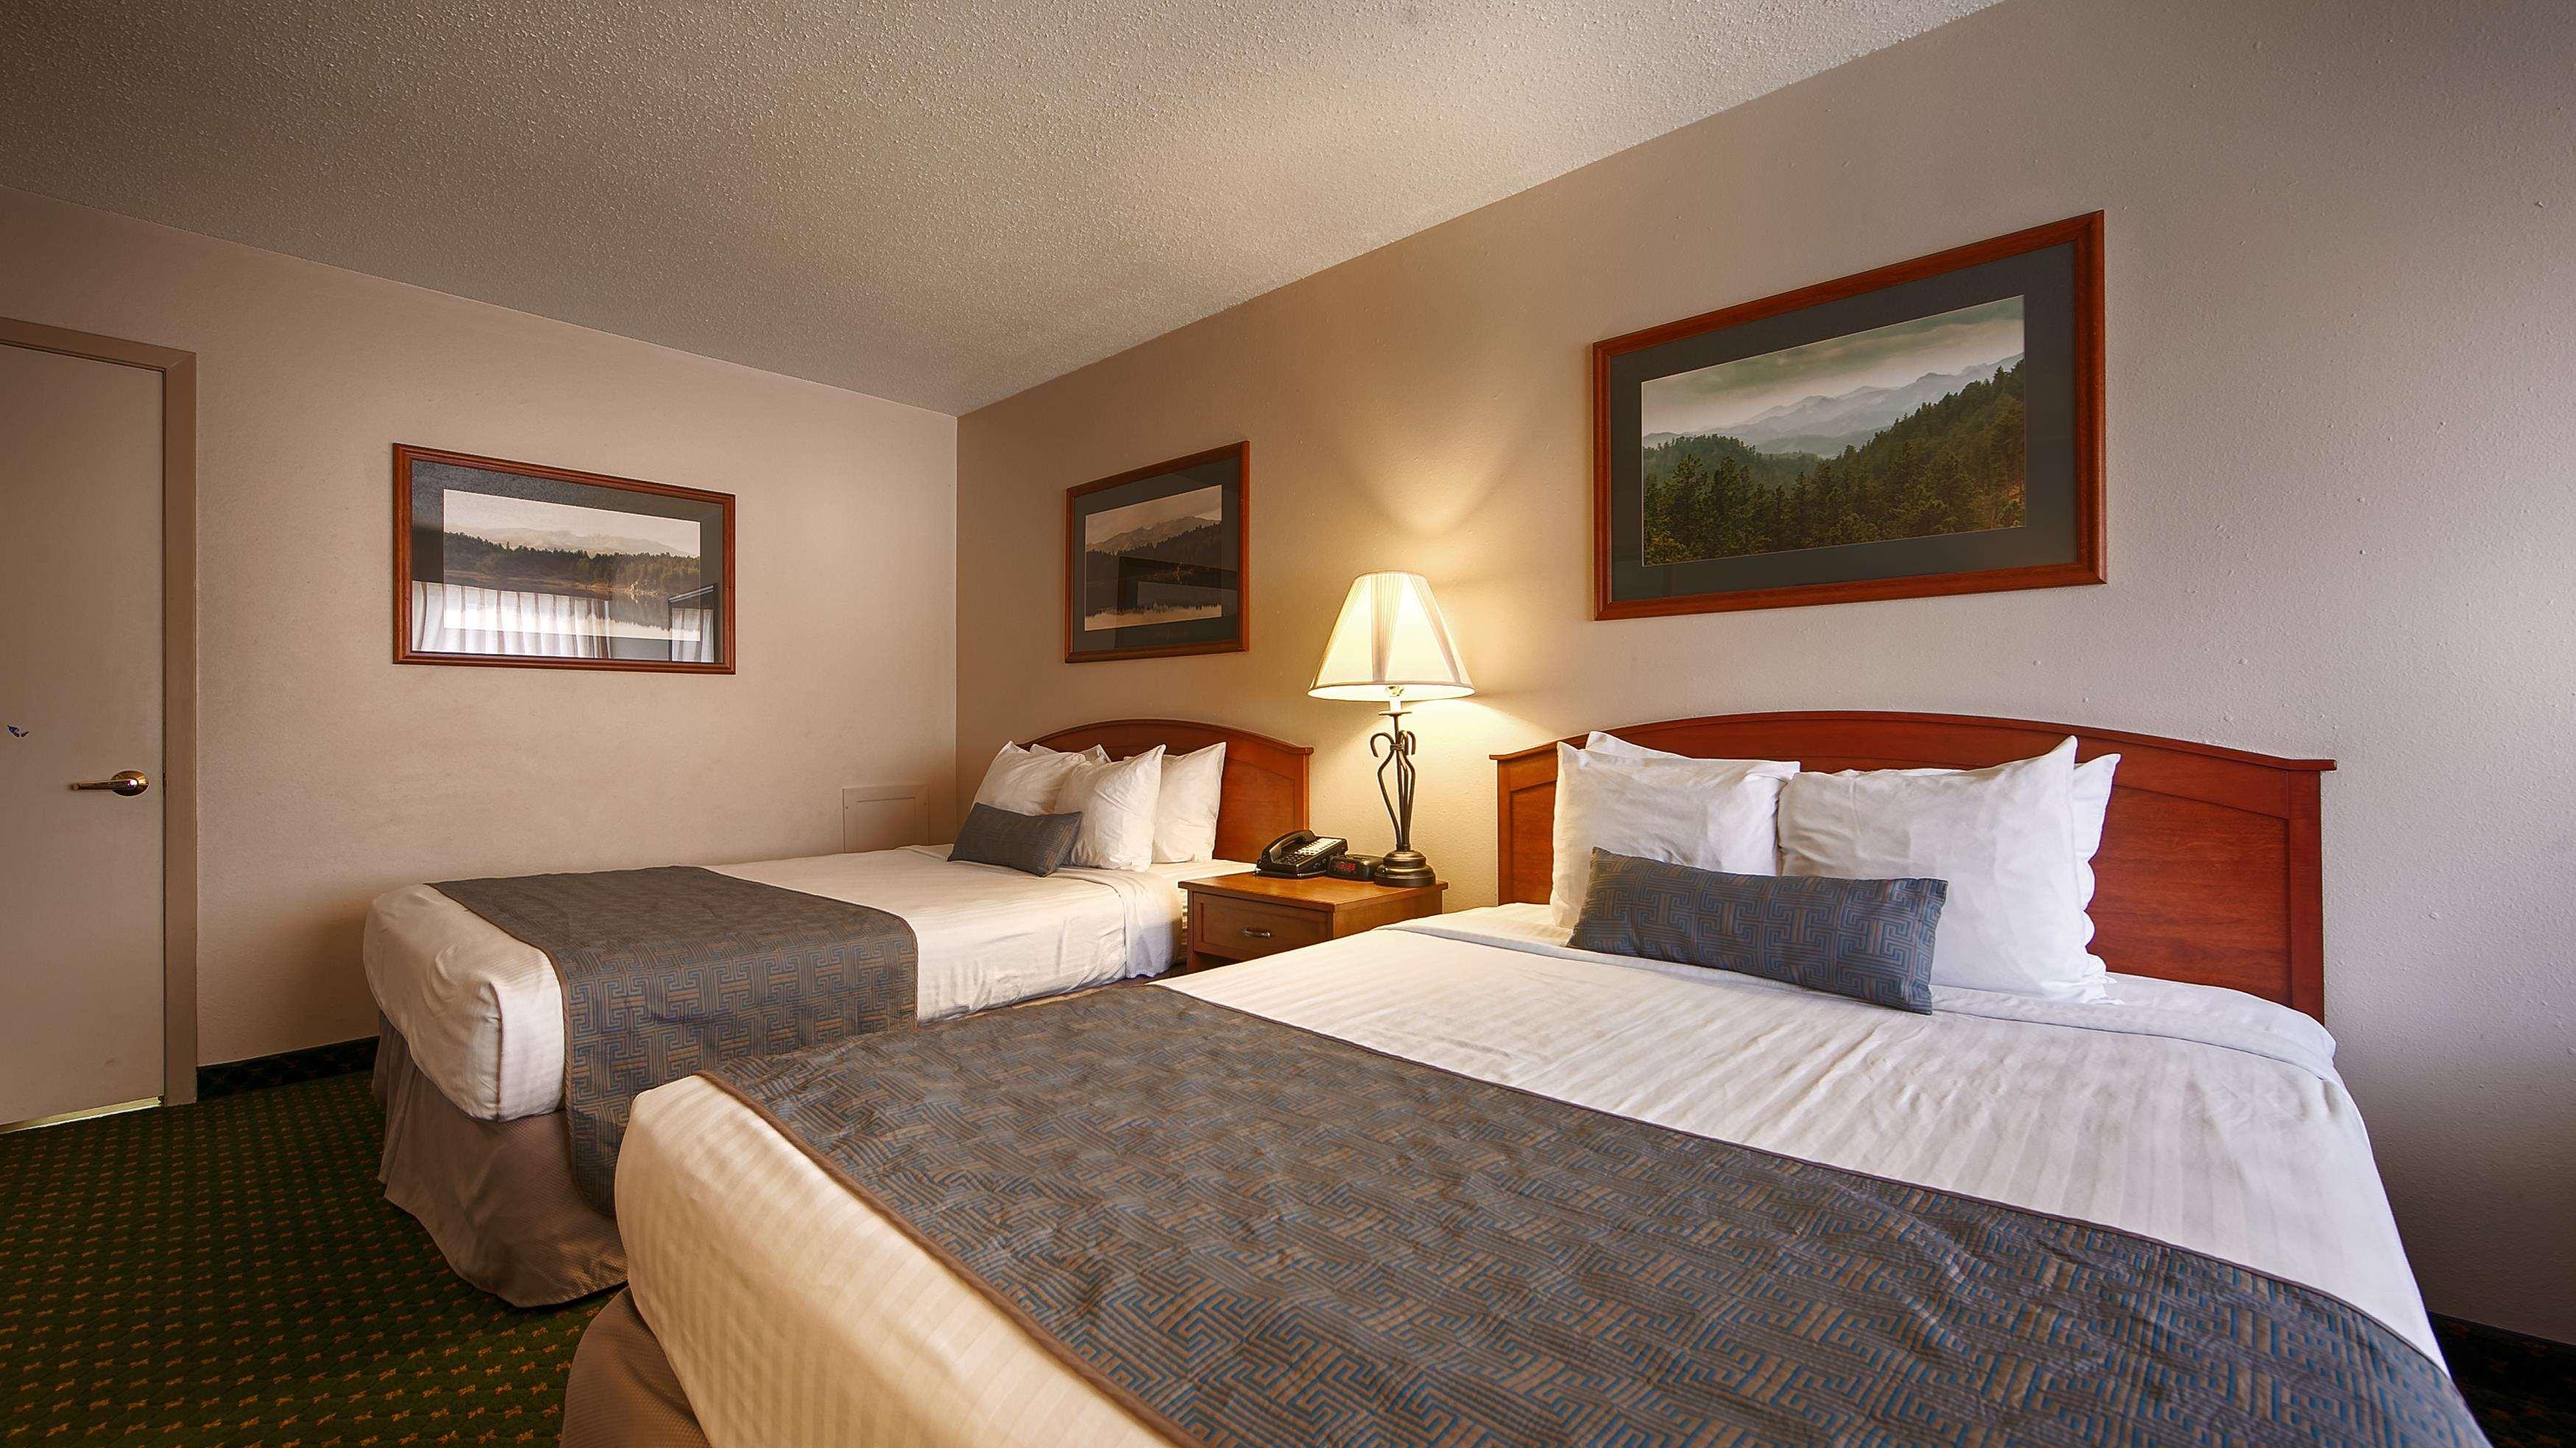 Best Western Buffalo Ridge Inn image 8